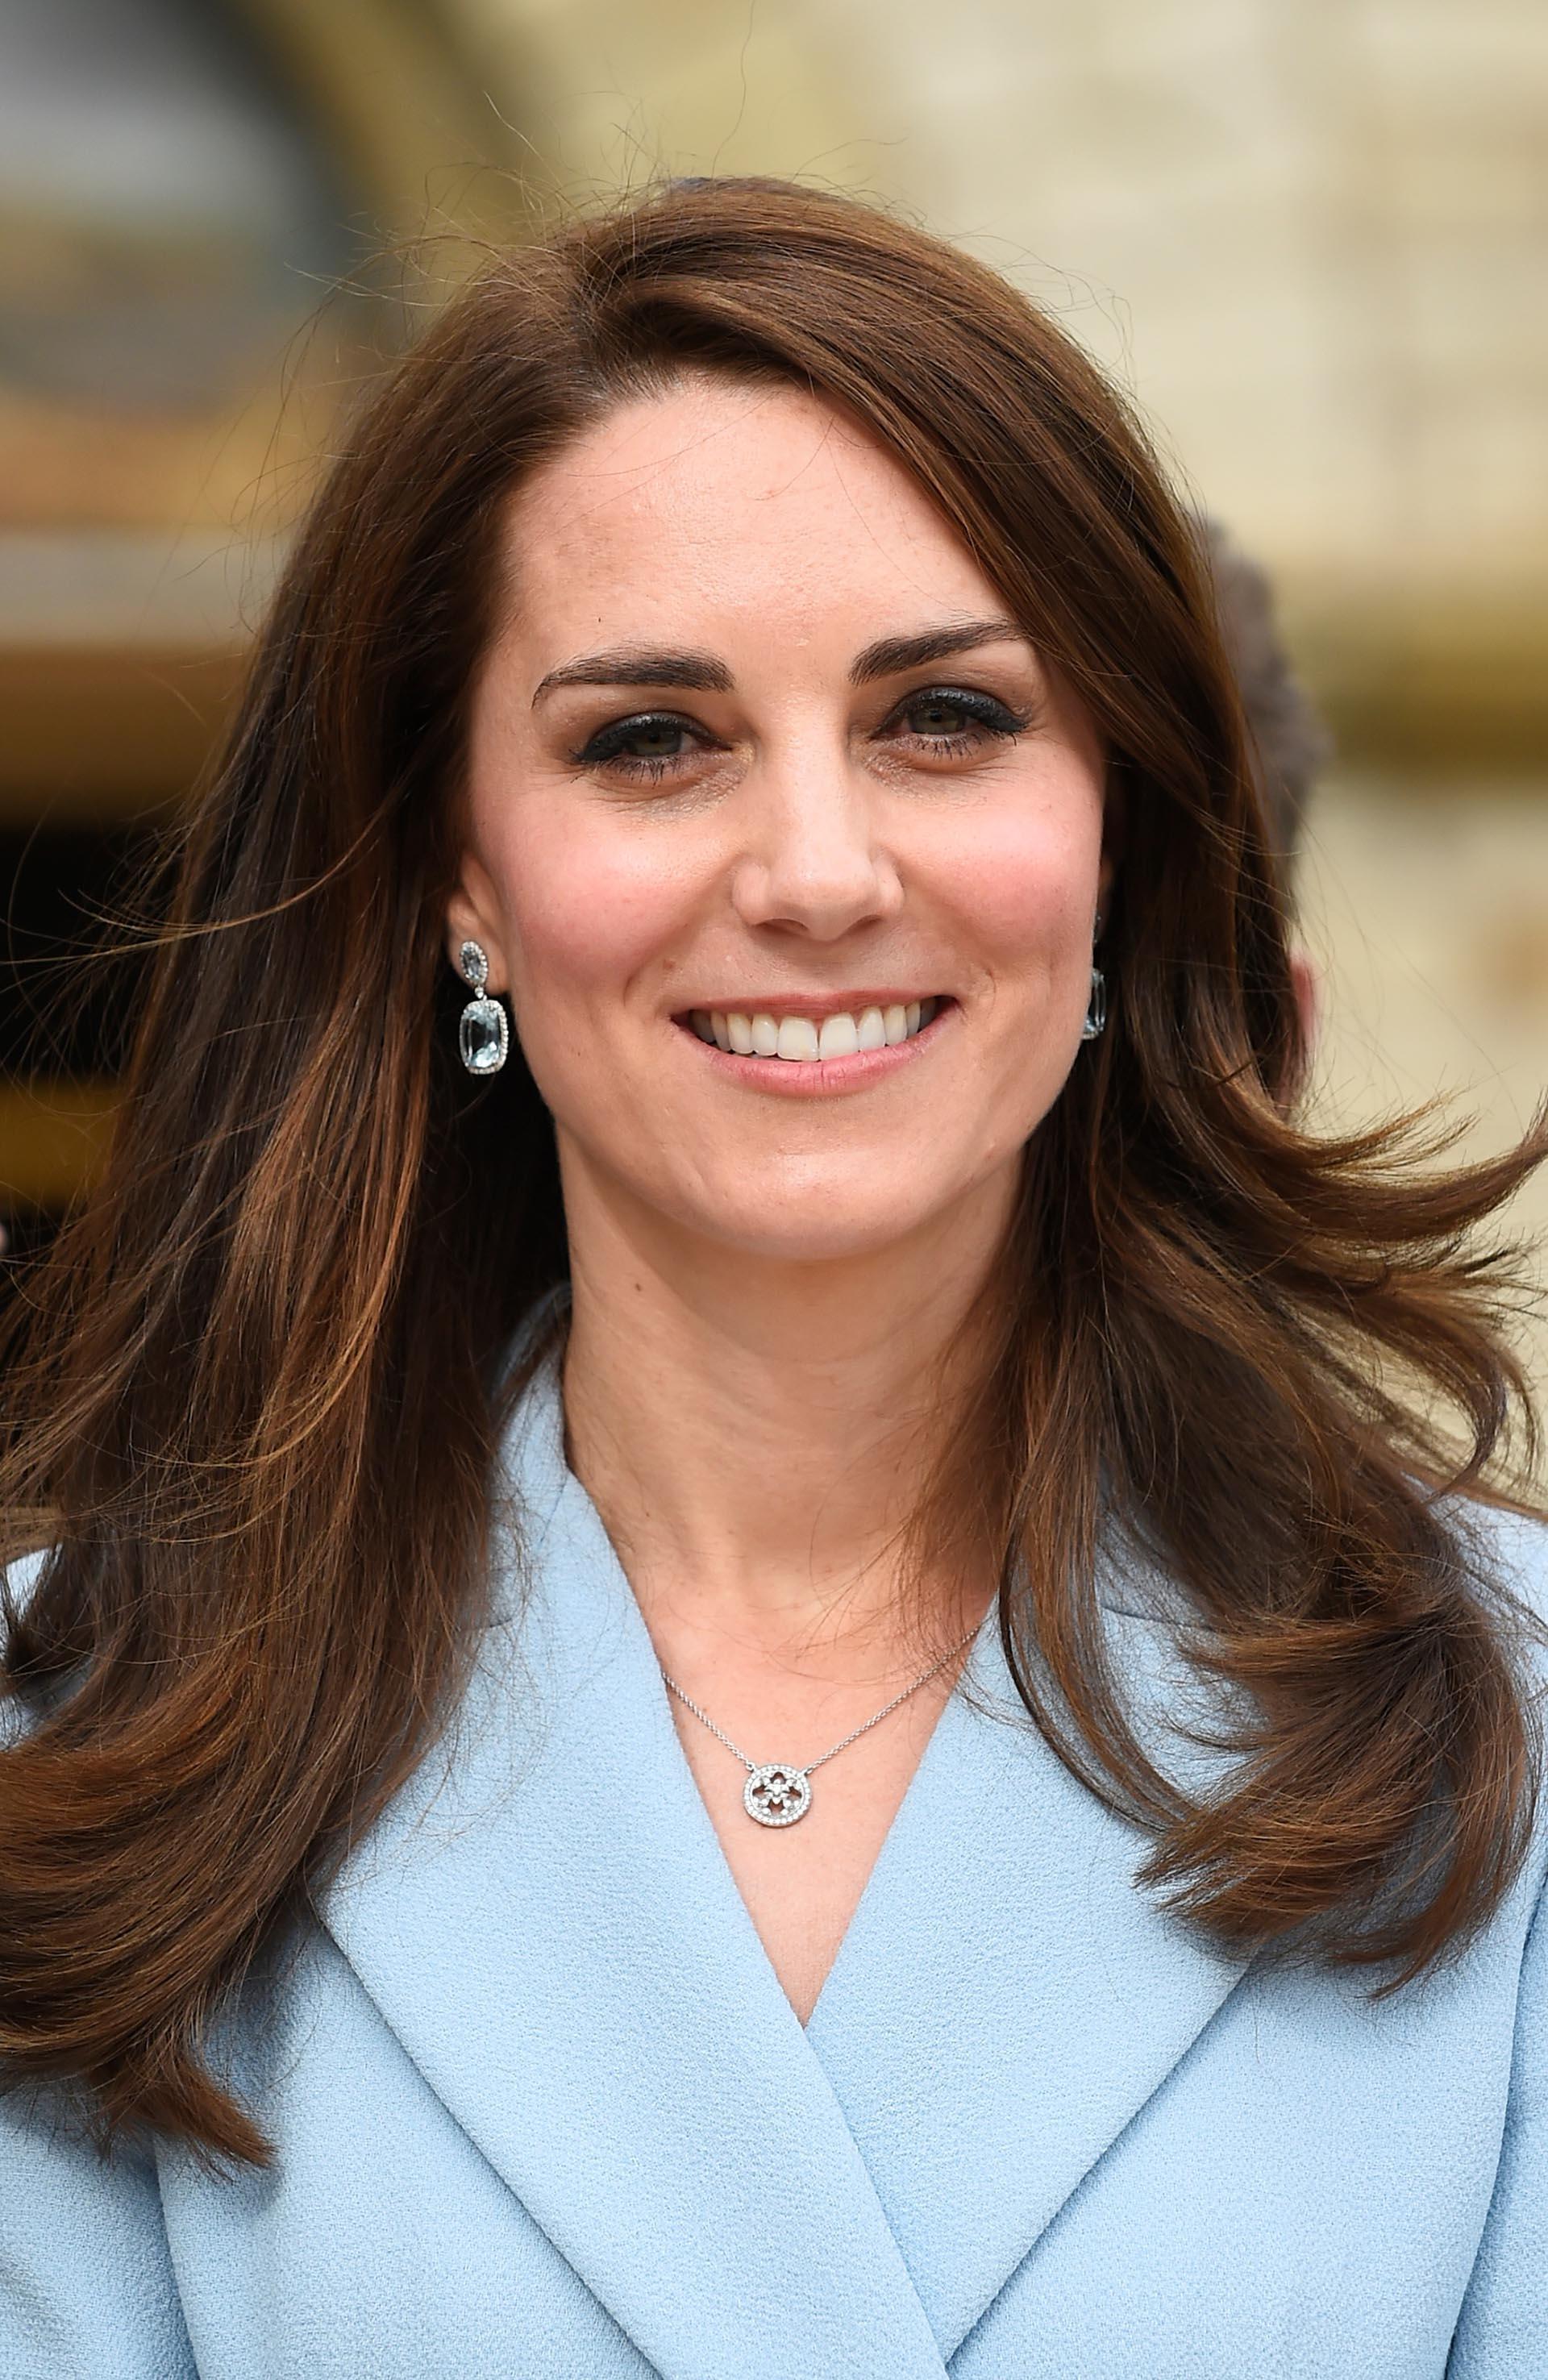 Un maquillaje suave y su larga cabellera suelta fueron los complementos perfectos para su delicado estilo